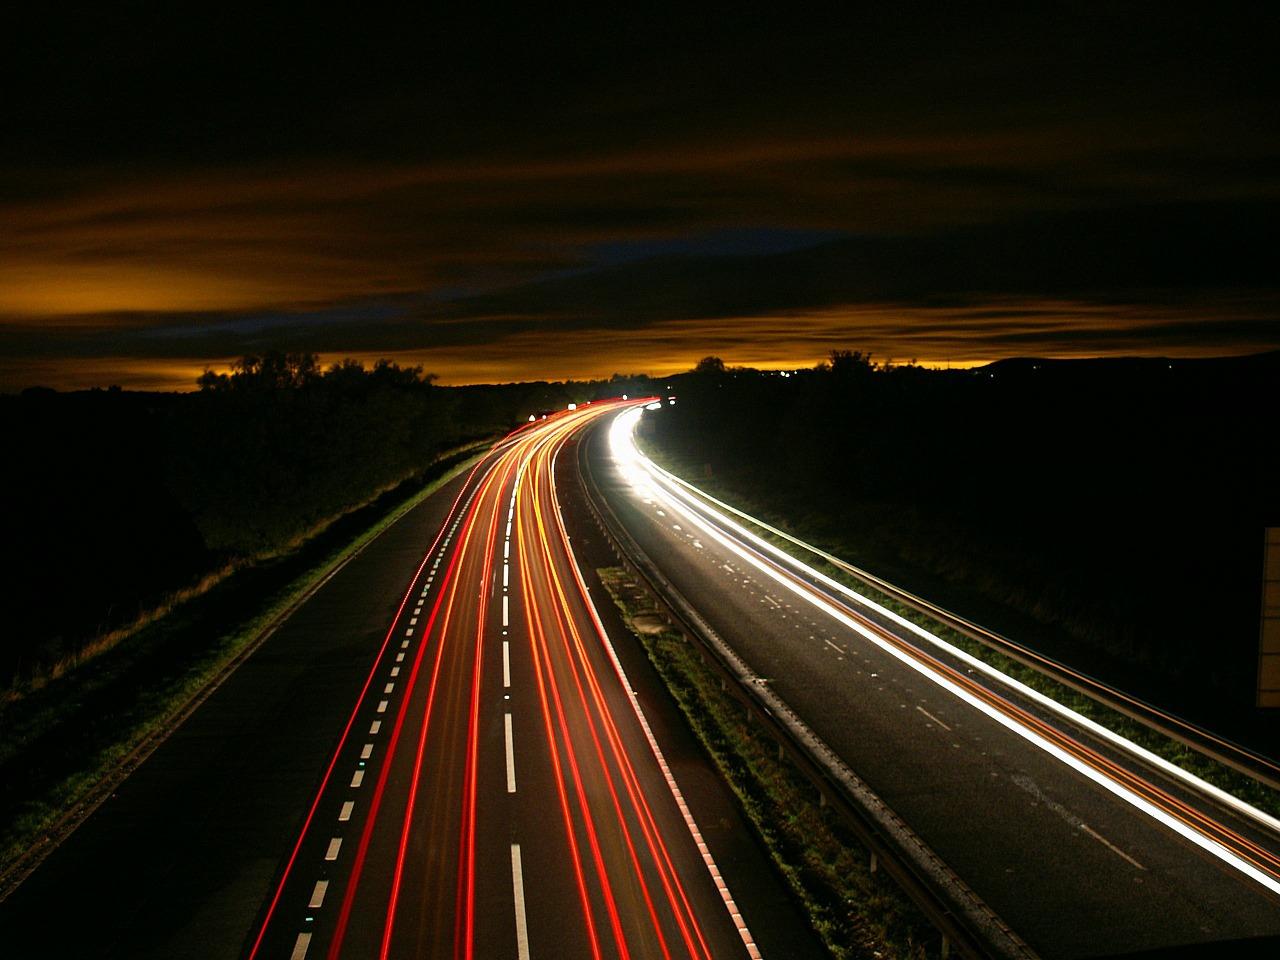 Fotos noturnas em baixa velocidade